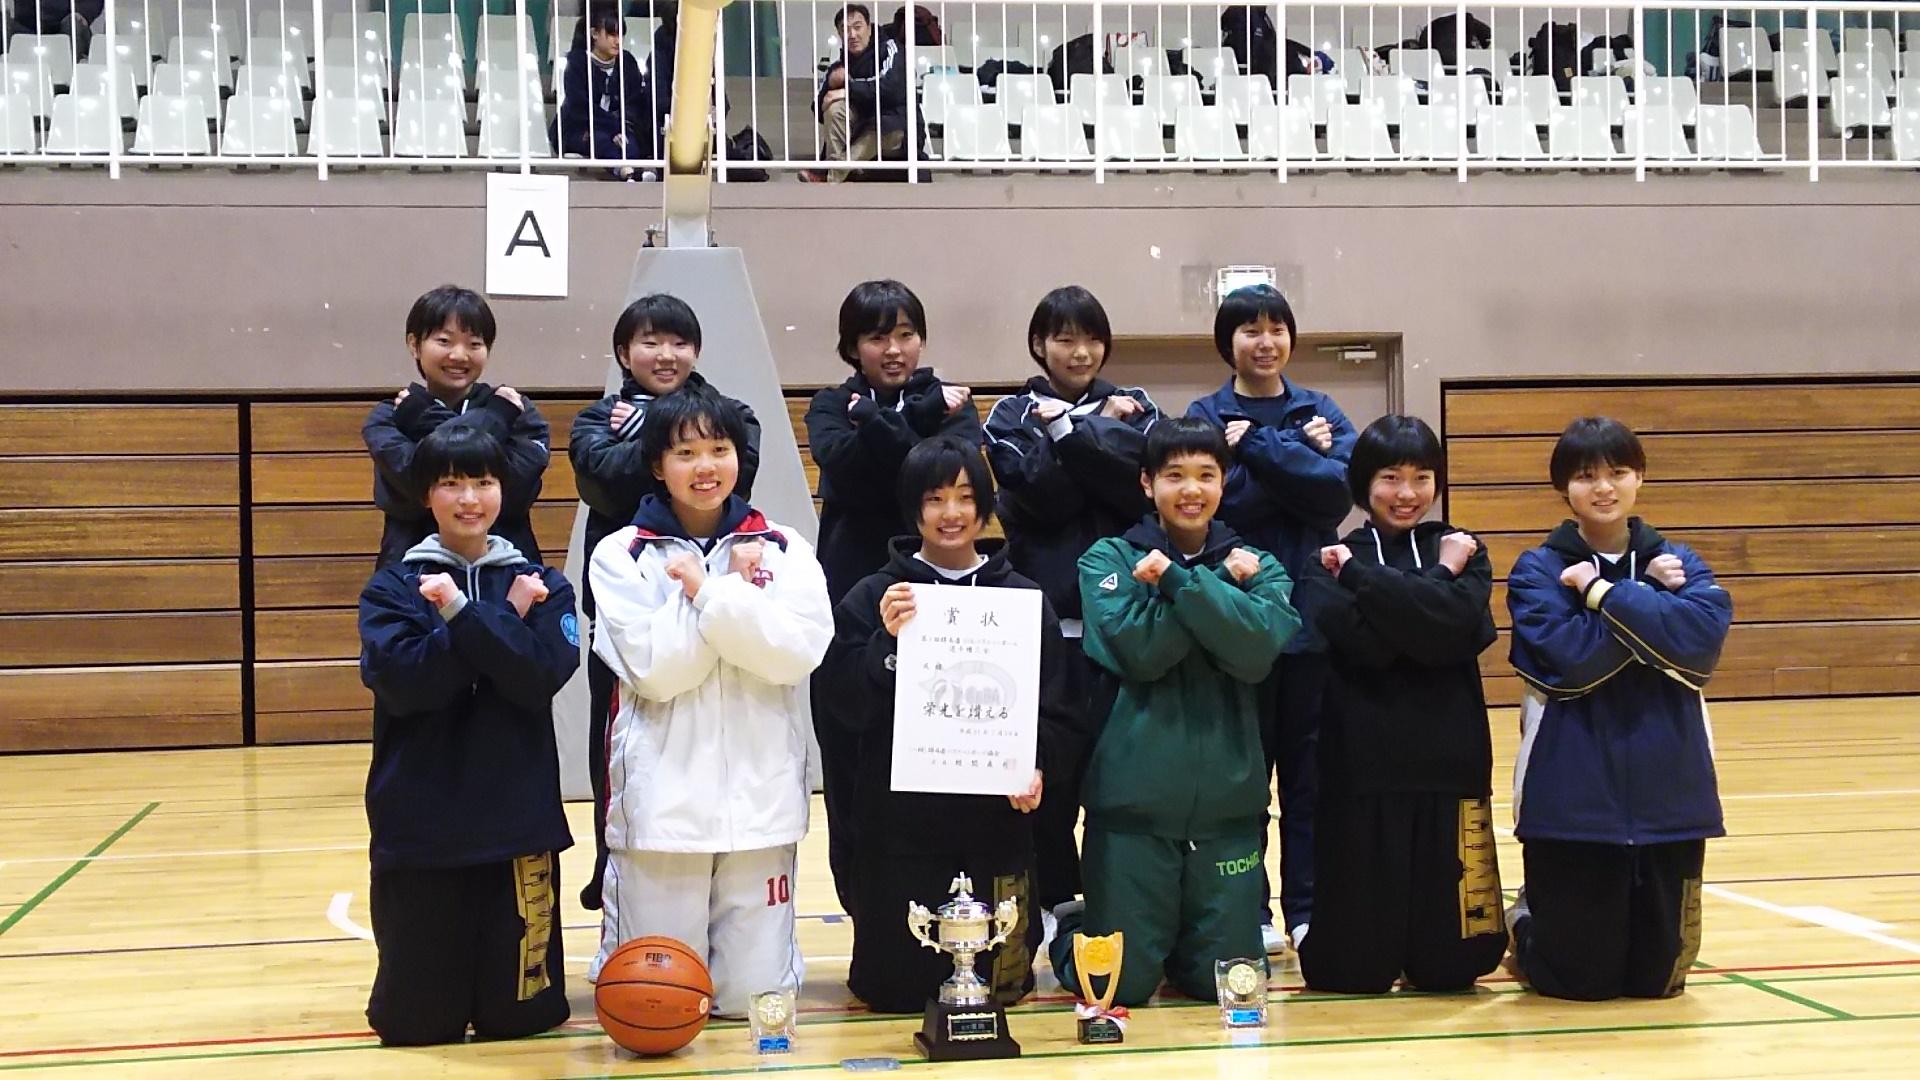 第1回 群馬県U15選手権 女子優勝:無限